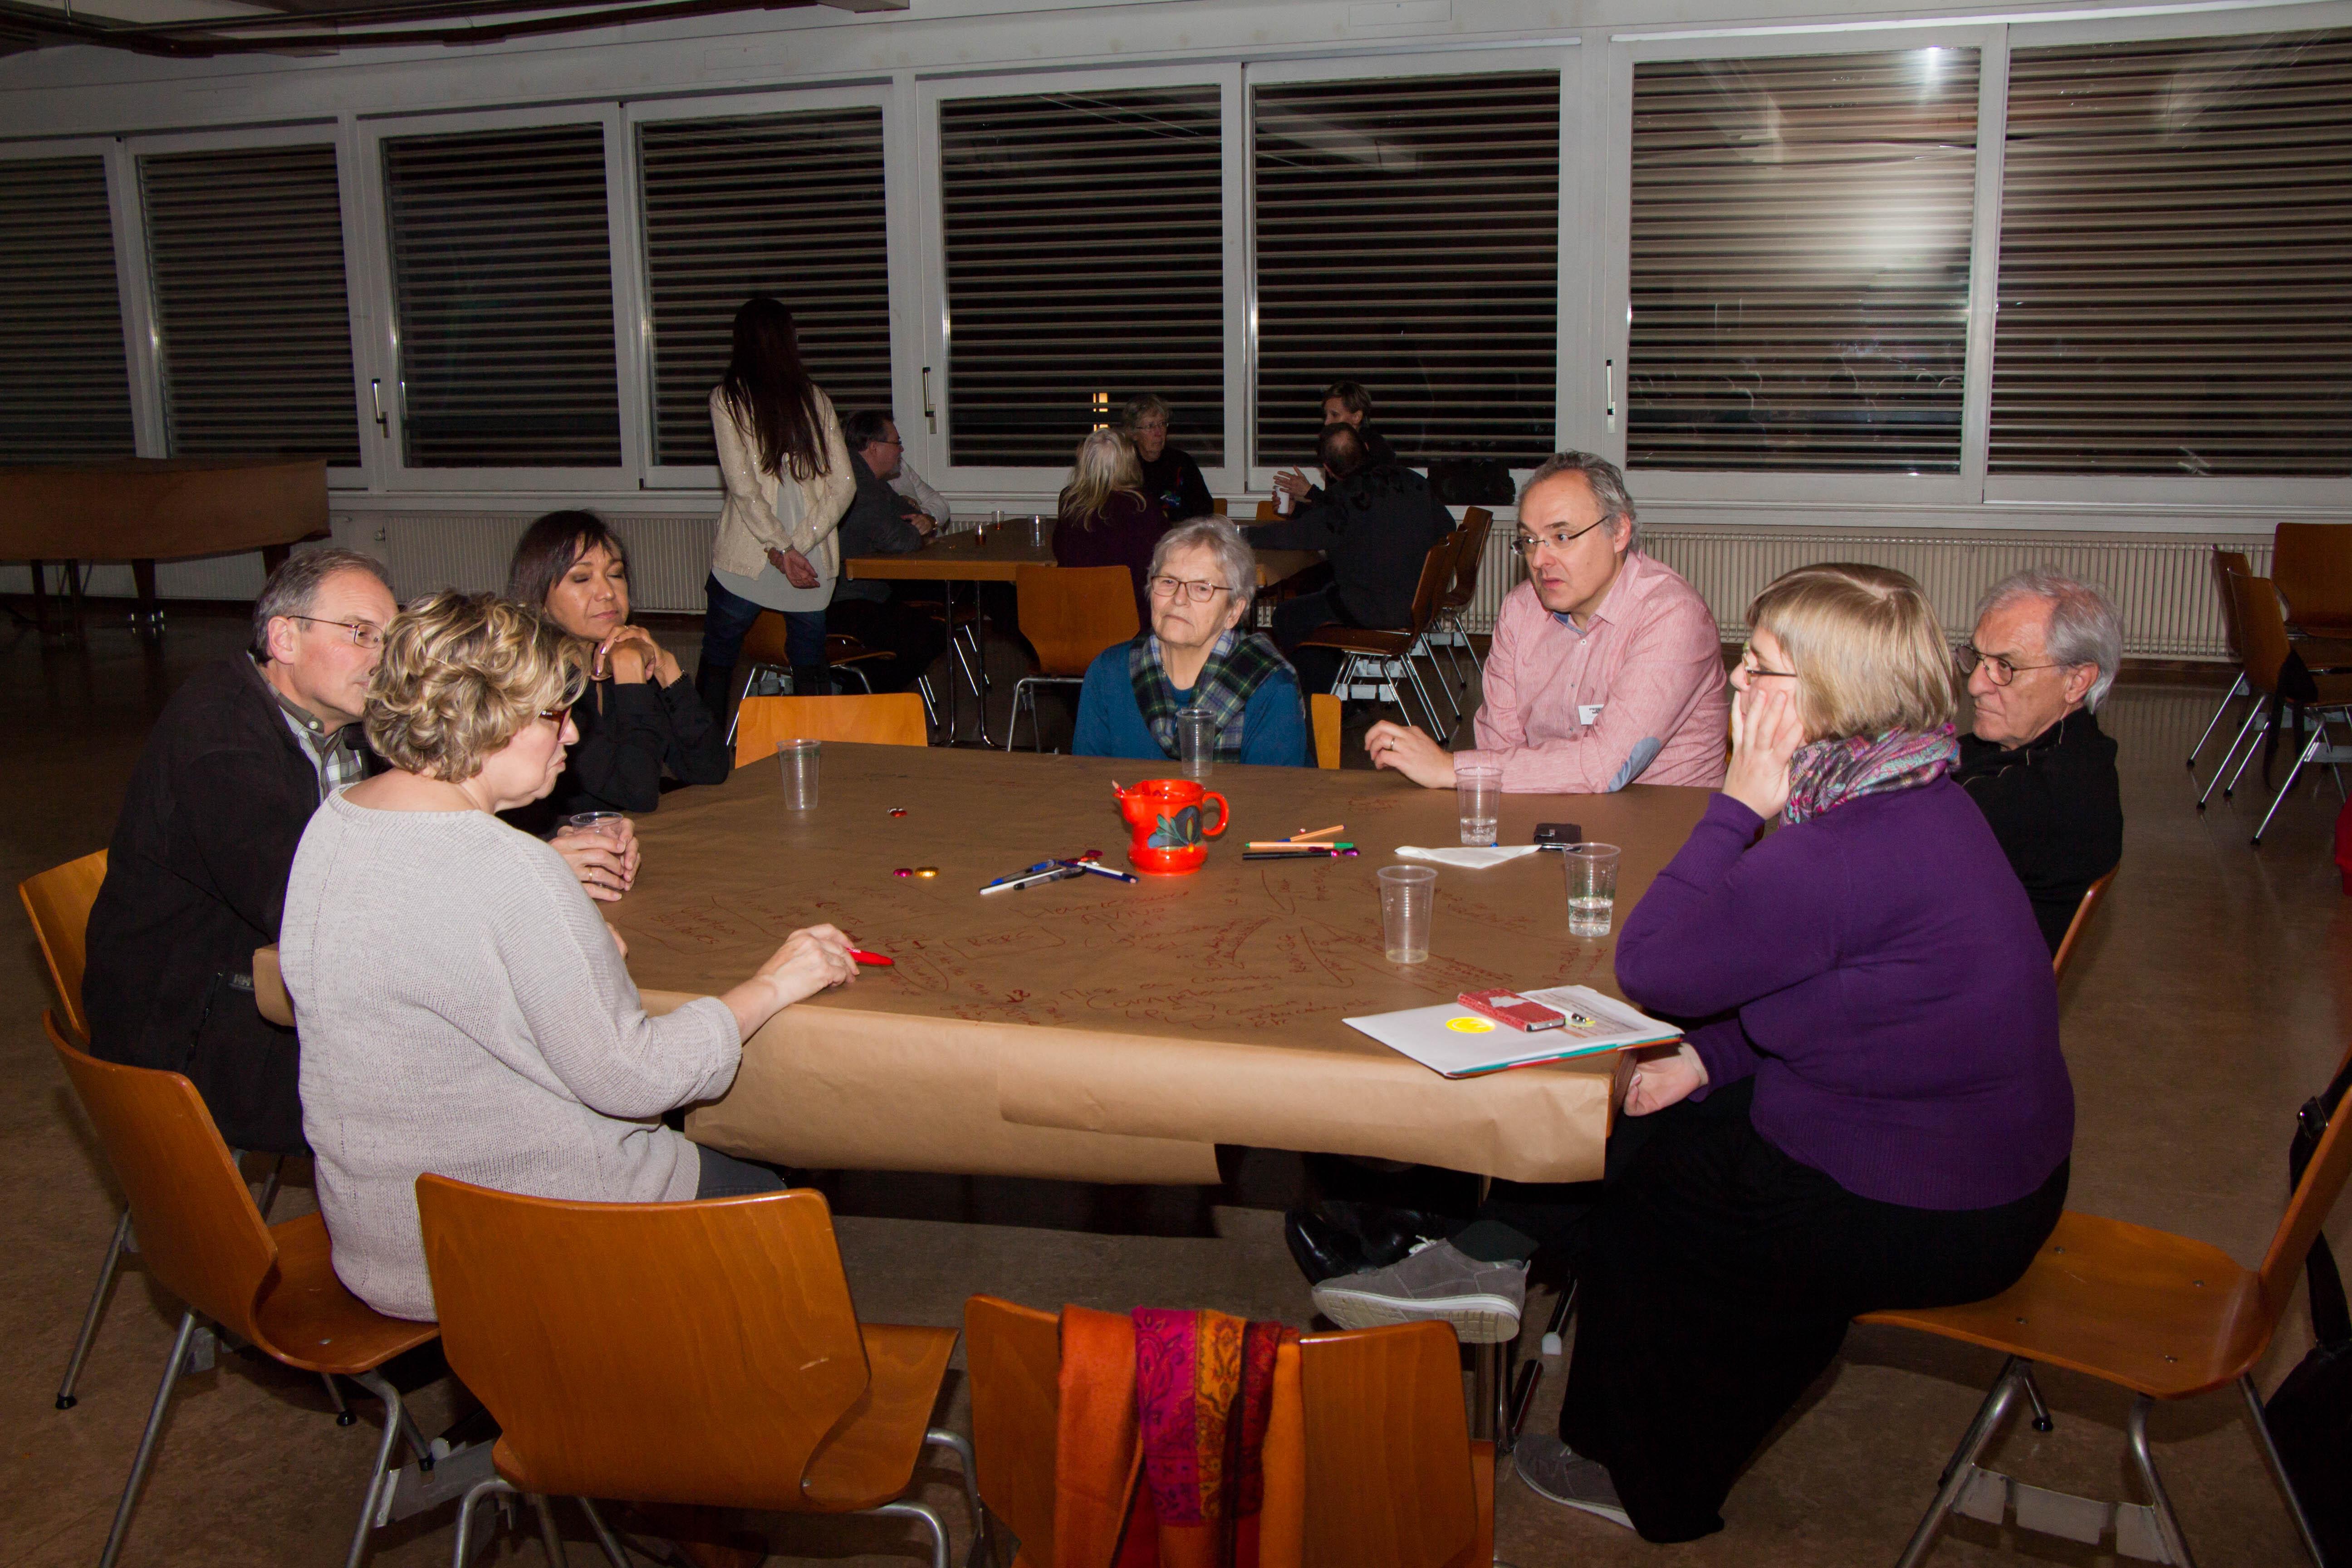 Que faire faire pour mieux vivre entre générations, cultures et conditions de vie différentes? Tel a été le thème de cette 3e assemblée citoyenne qui a lieu le 30 novembre à l'aula des Coteaux.